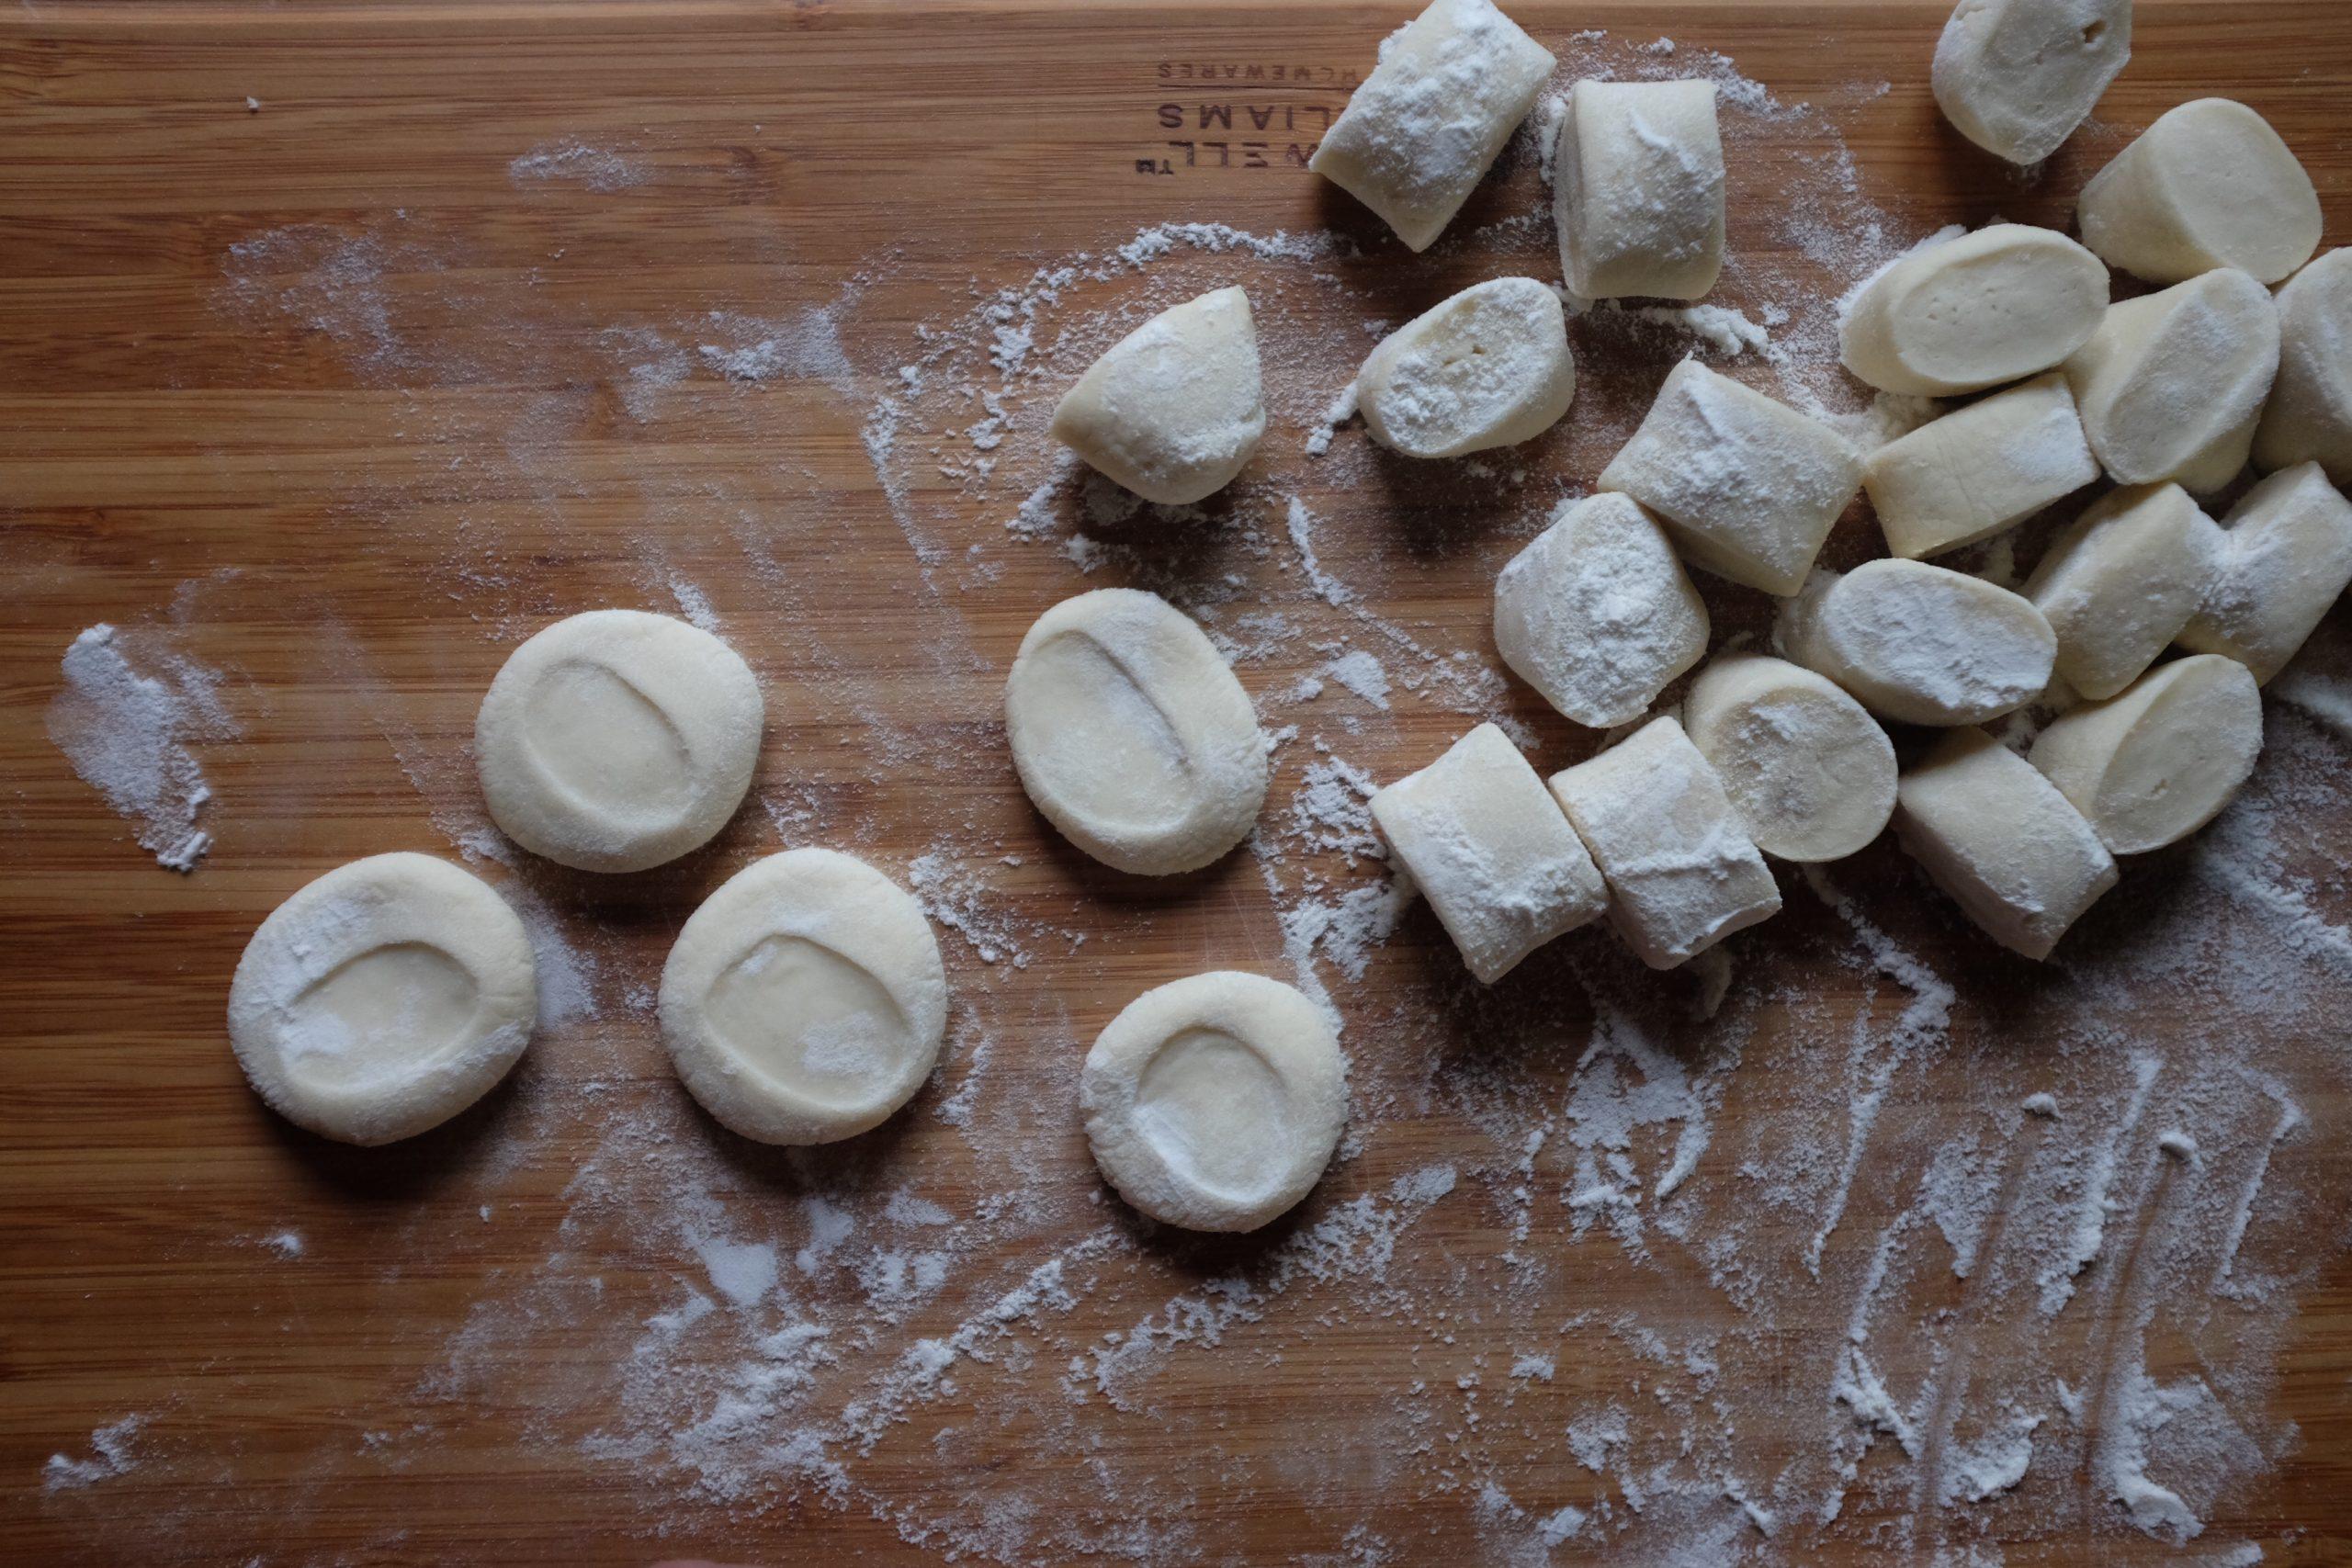 Spiana ogni pezzo fino a farlo diventare piatto e a forma rotonda.